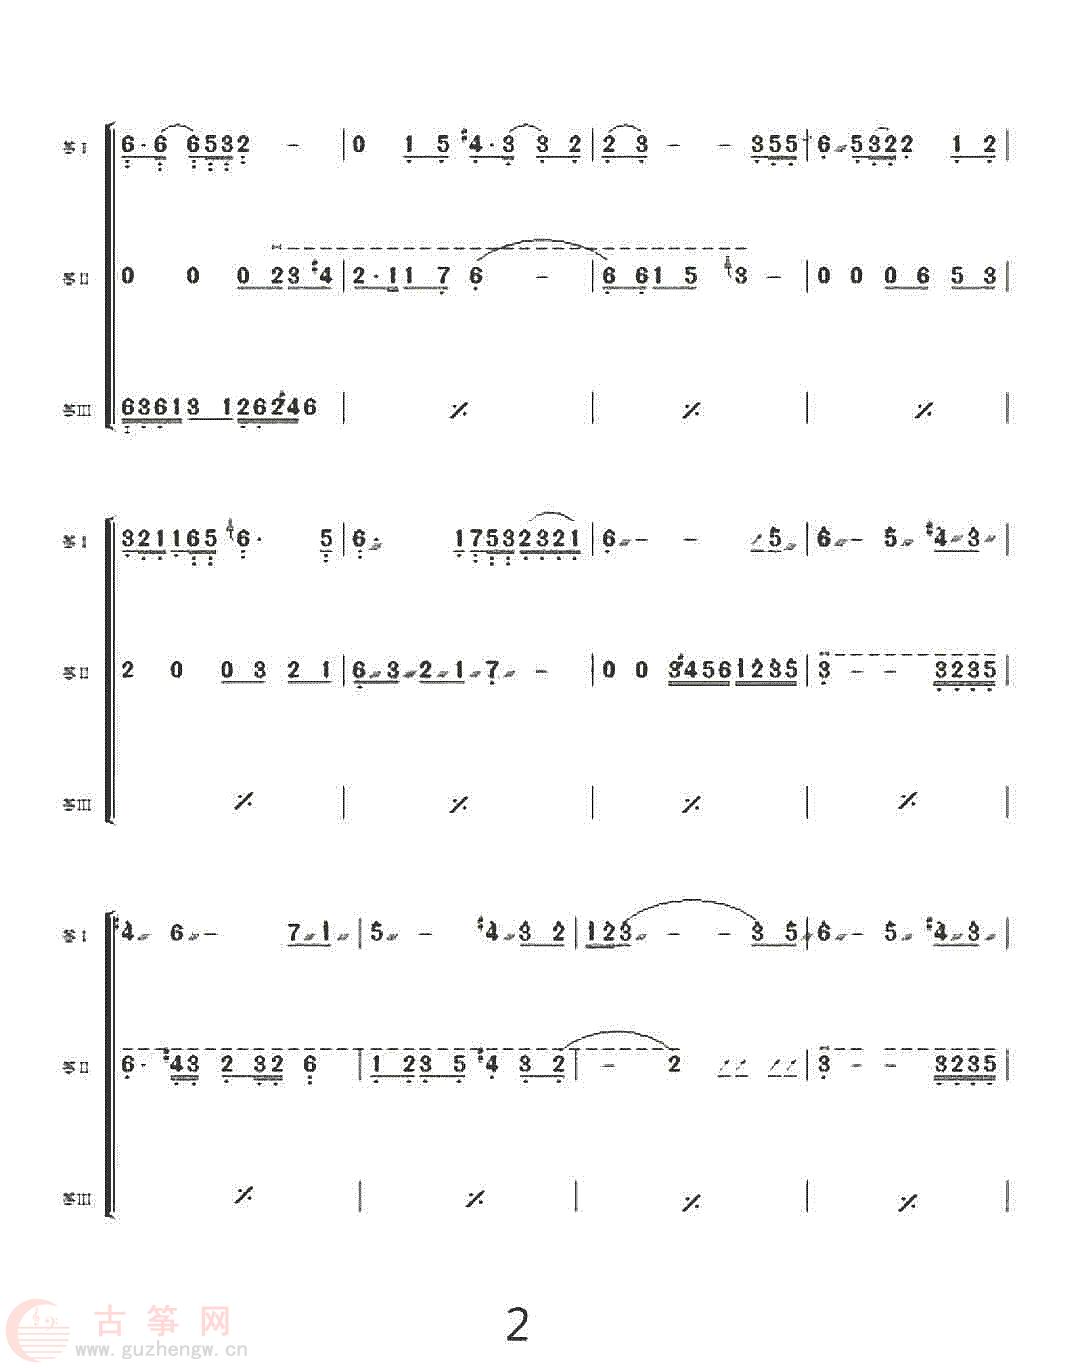 卷珠帘三重奏(孙金阳版) - 流行古筝曲谱 - 中国古筝